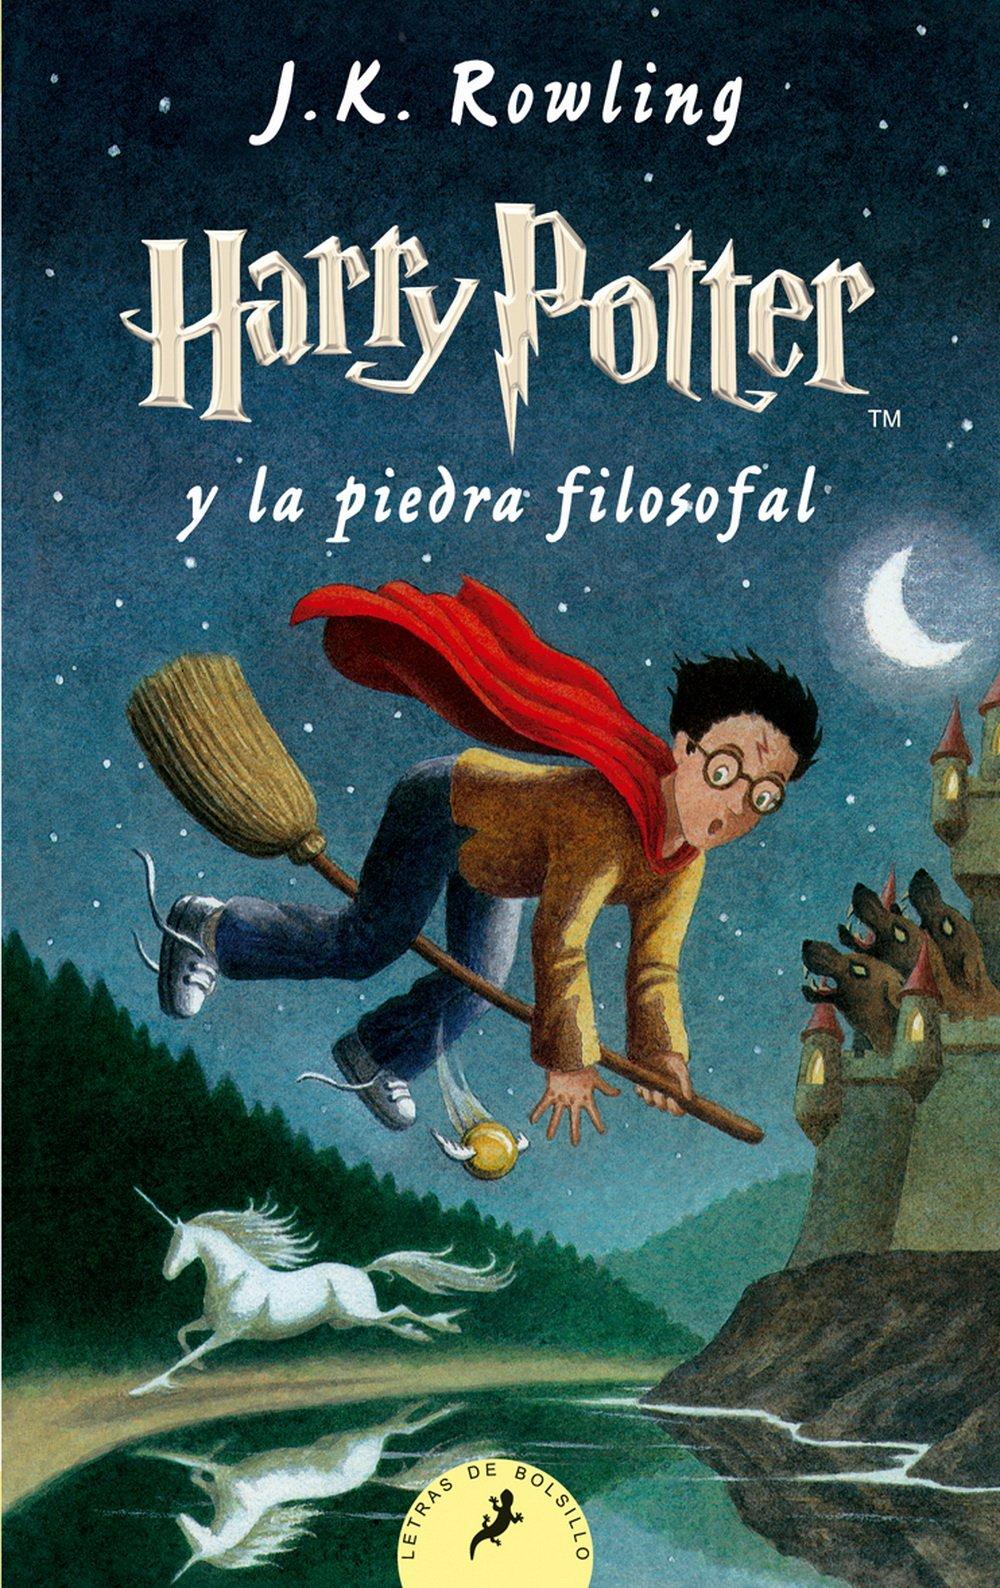 Resultado de imagen para Harry Potter y la piedra filosofal by J.K. Rowling